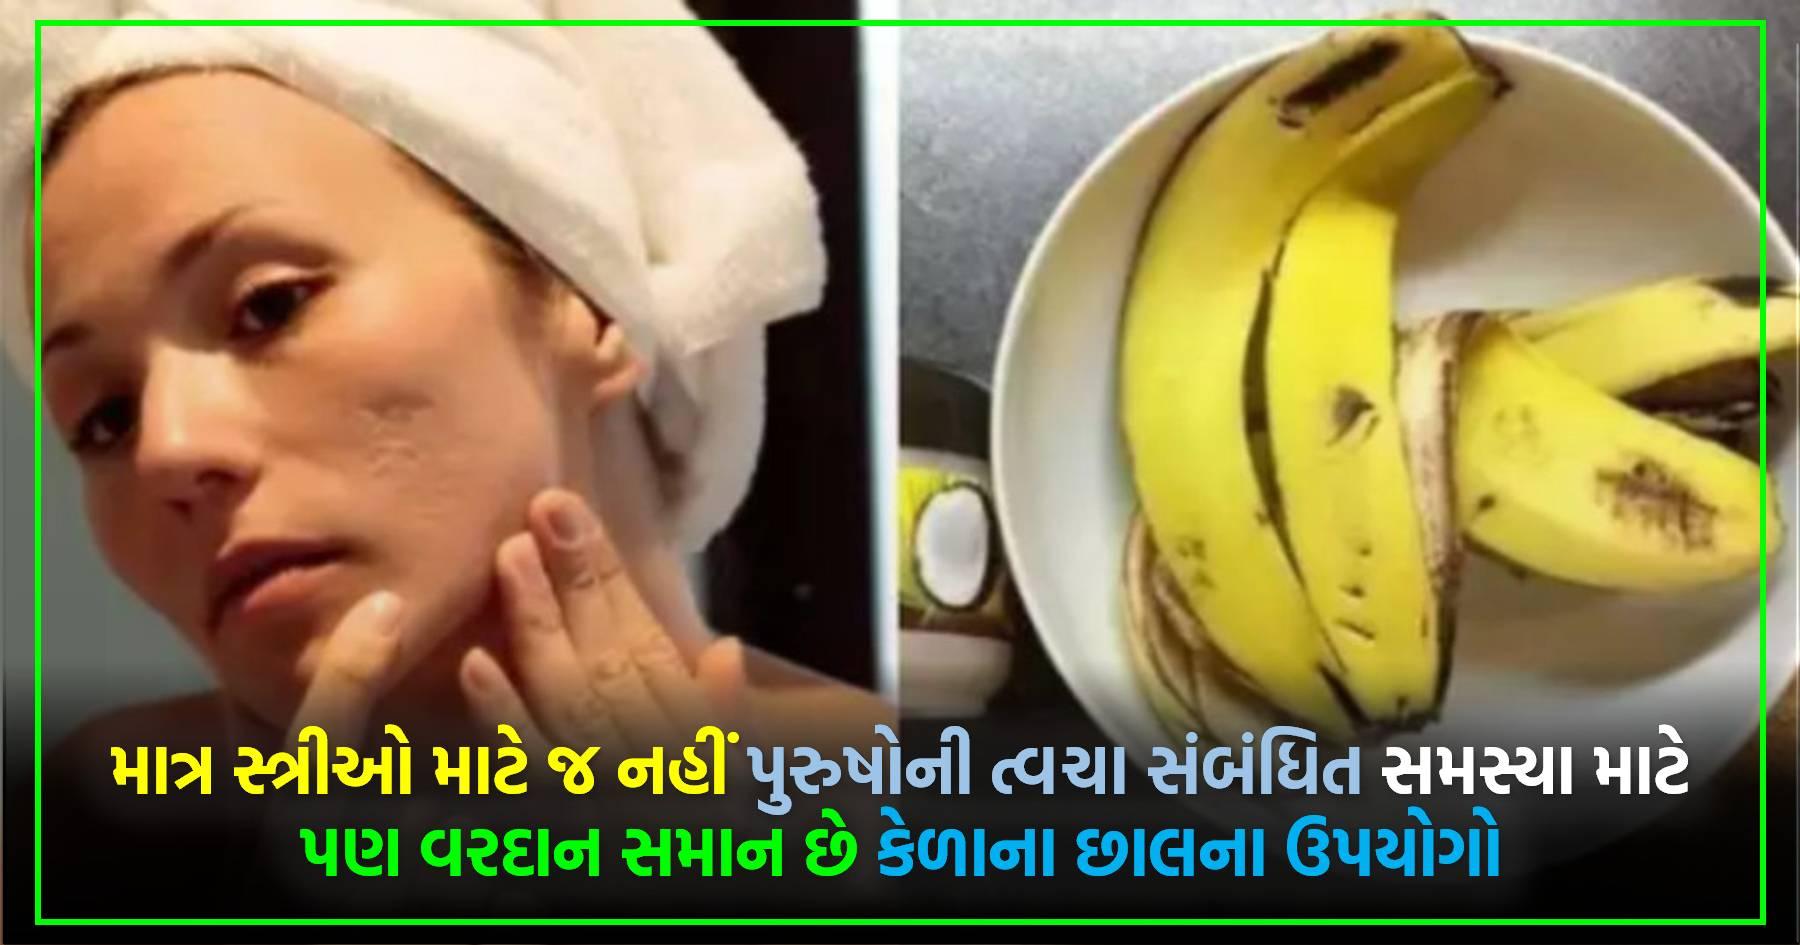 માત્ર સ્ત્રીઓ માટે જ નહીં પુરુષોની ત્વચા સંબંધિત સમસ્યા માટે પણ વરદાન સમાન છે કેળાના છાલના ઉપયોગો..